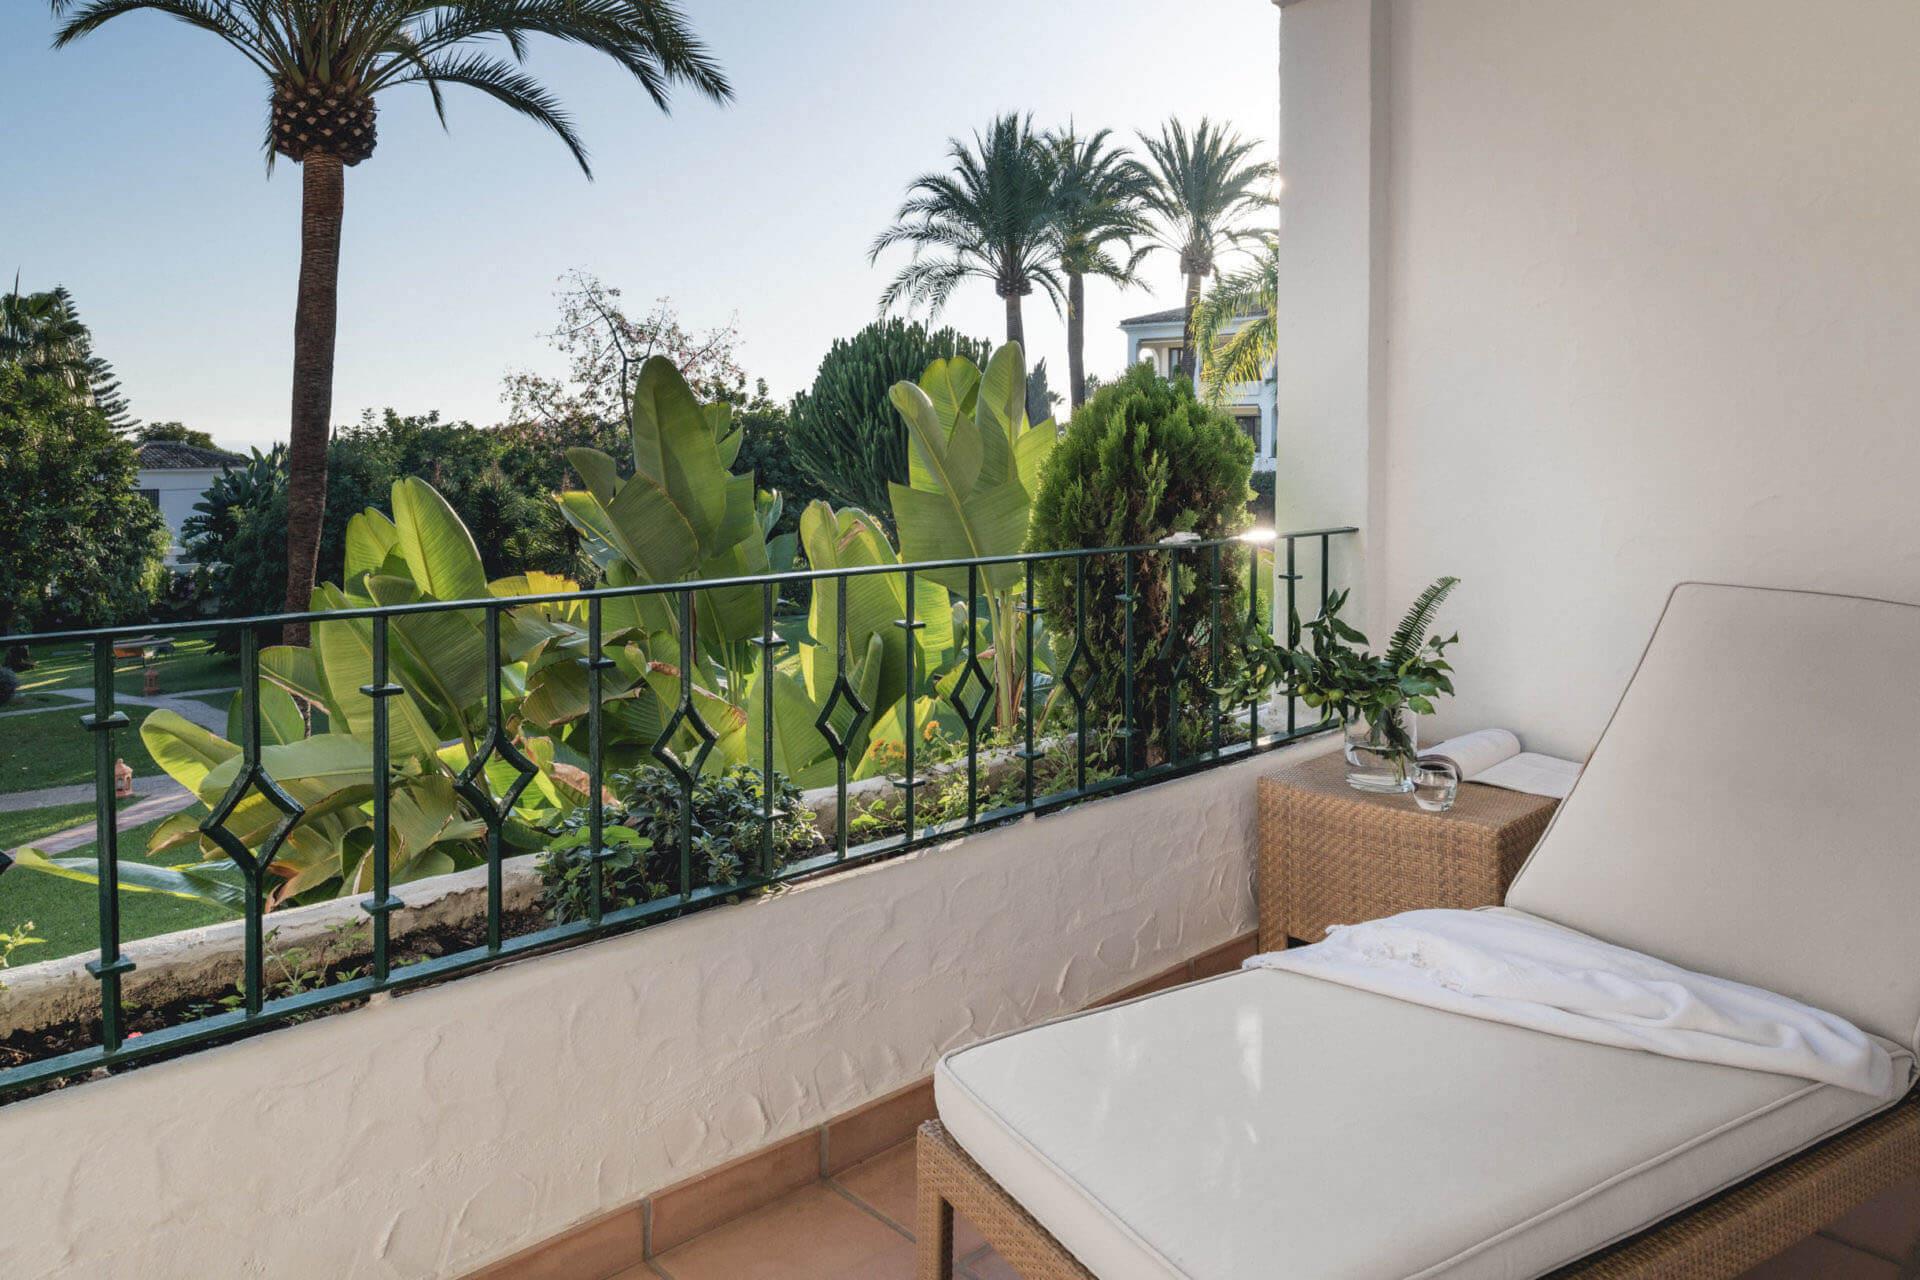 Buchinger Wilhelmi, Fasten, Heilfasten, Fasting, Health, Integrative Medicine, Superior Room, Balcony, Ausstattung, Furniture, Marbella, Andalusia,